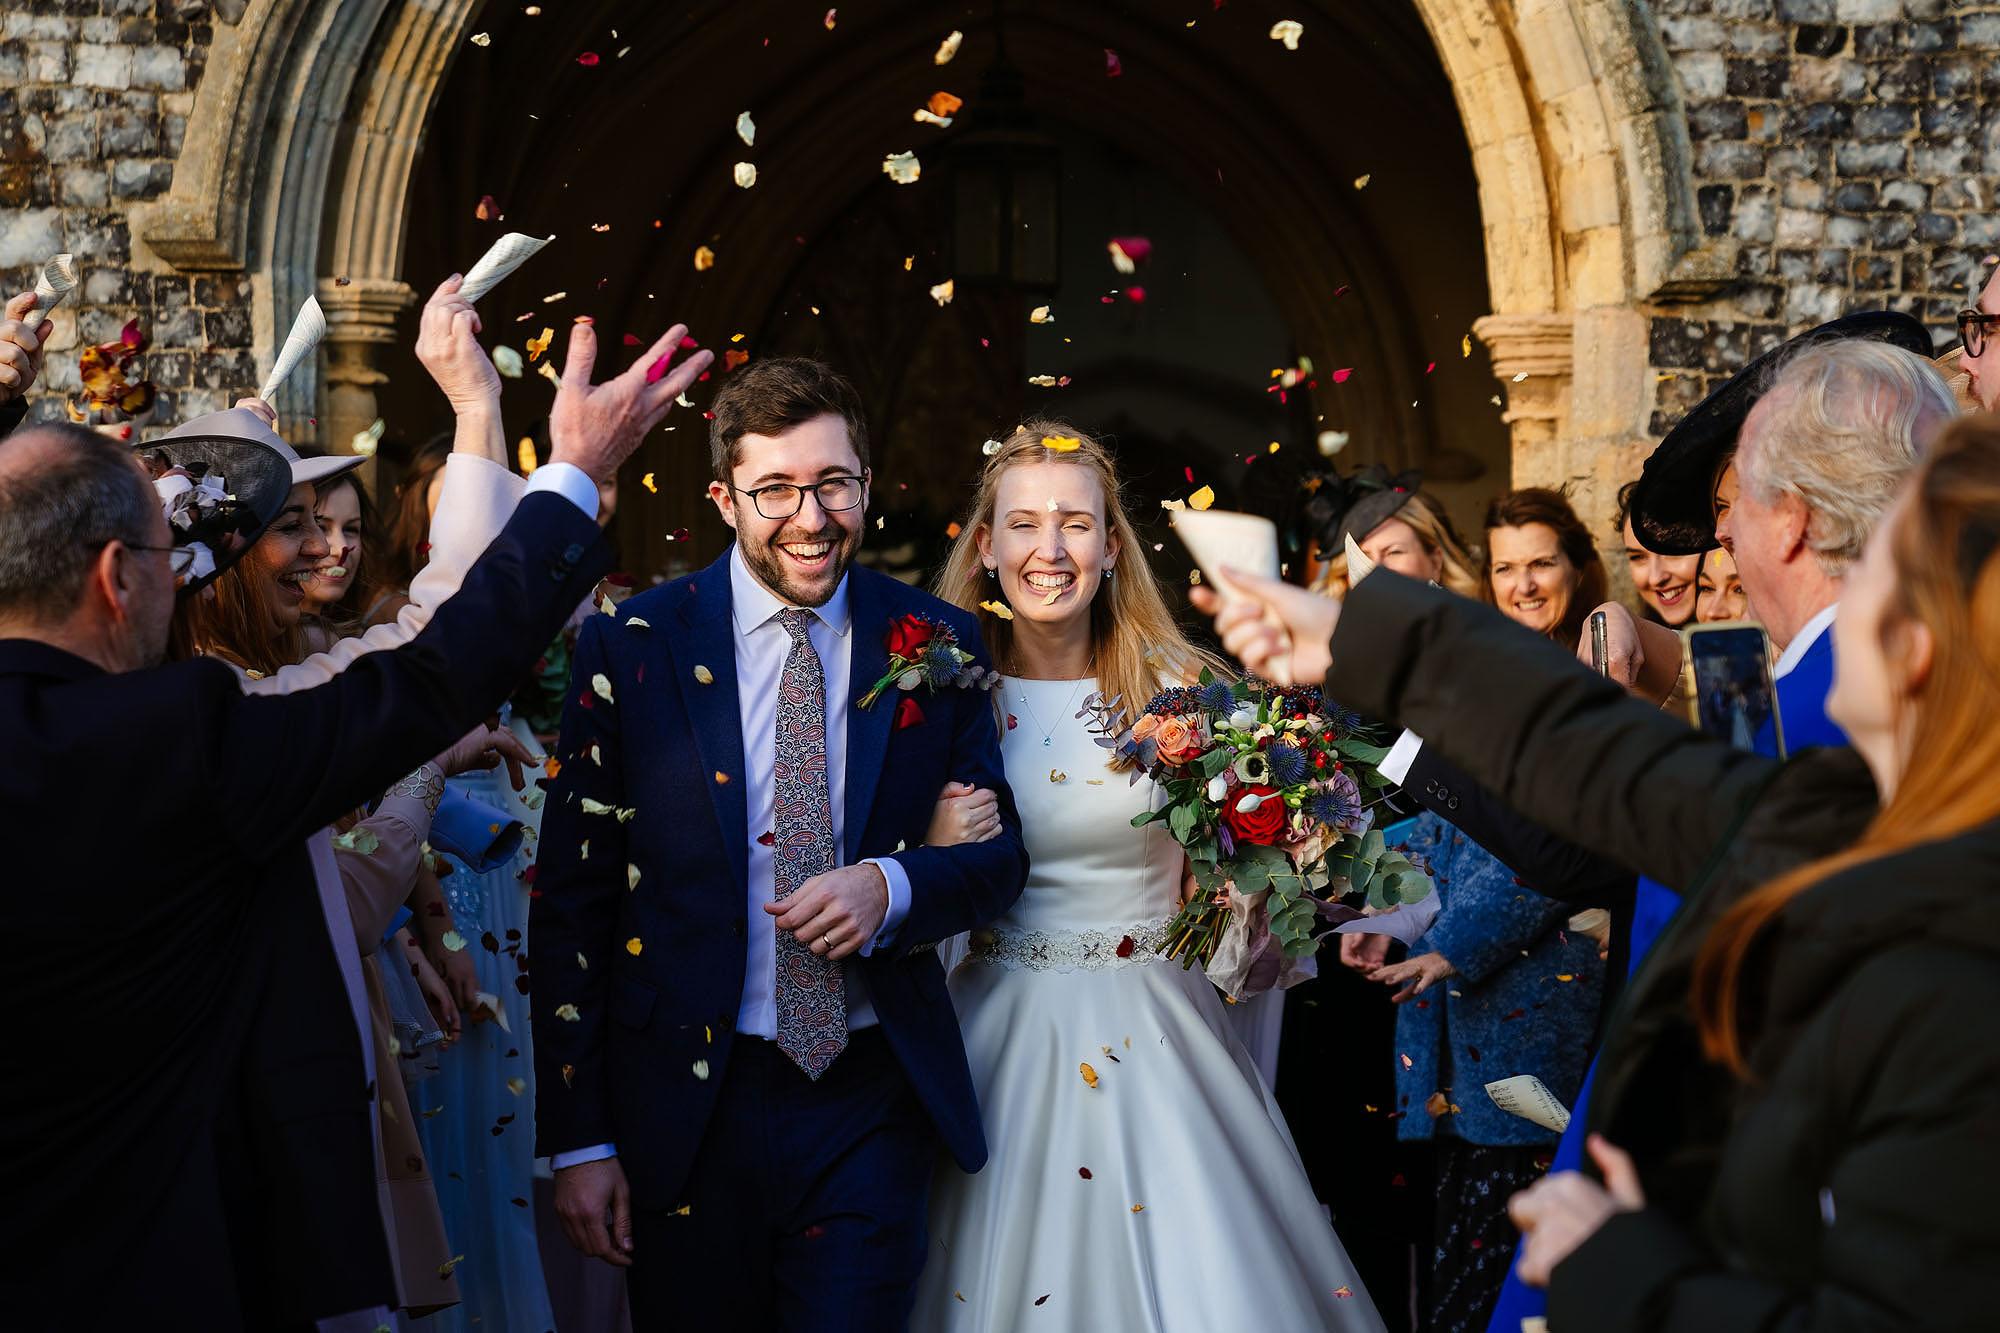 Blythburgh church wedding confetti